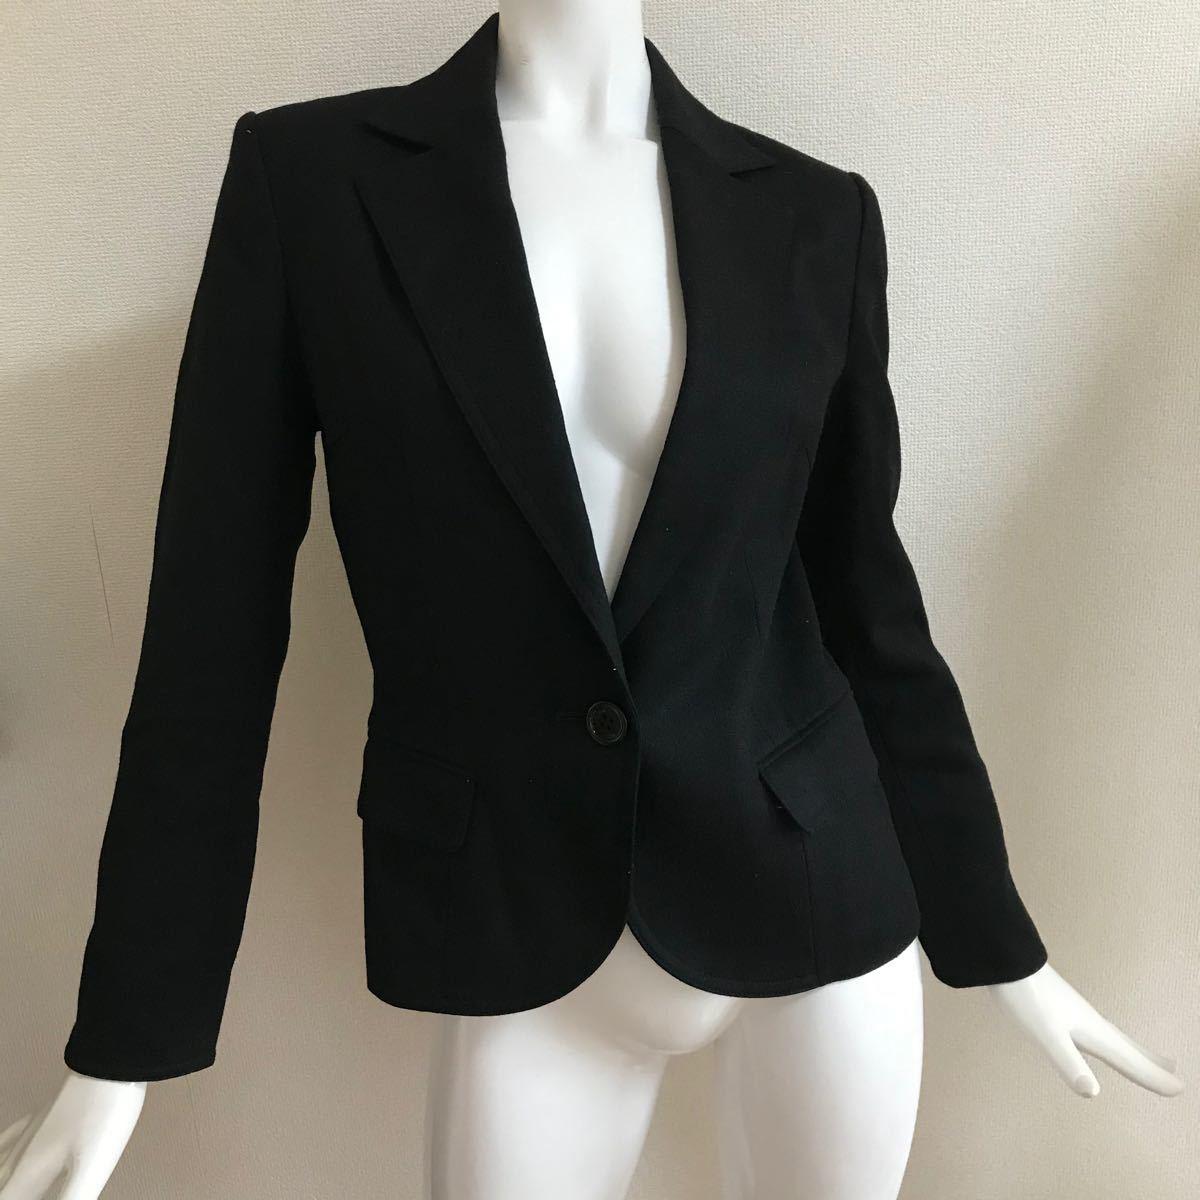 テーラードジャケット ウールジャケット ビッキー オフィスカジュアル スーツ フォーマル